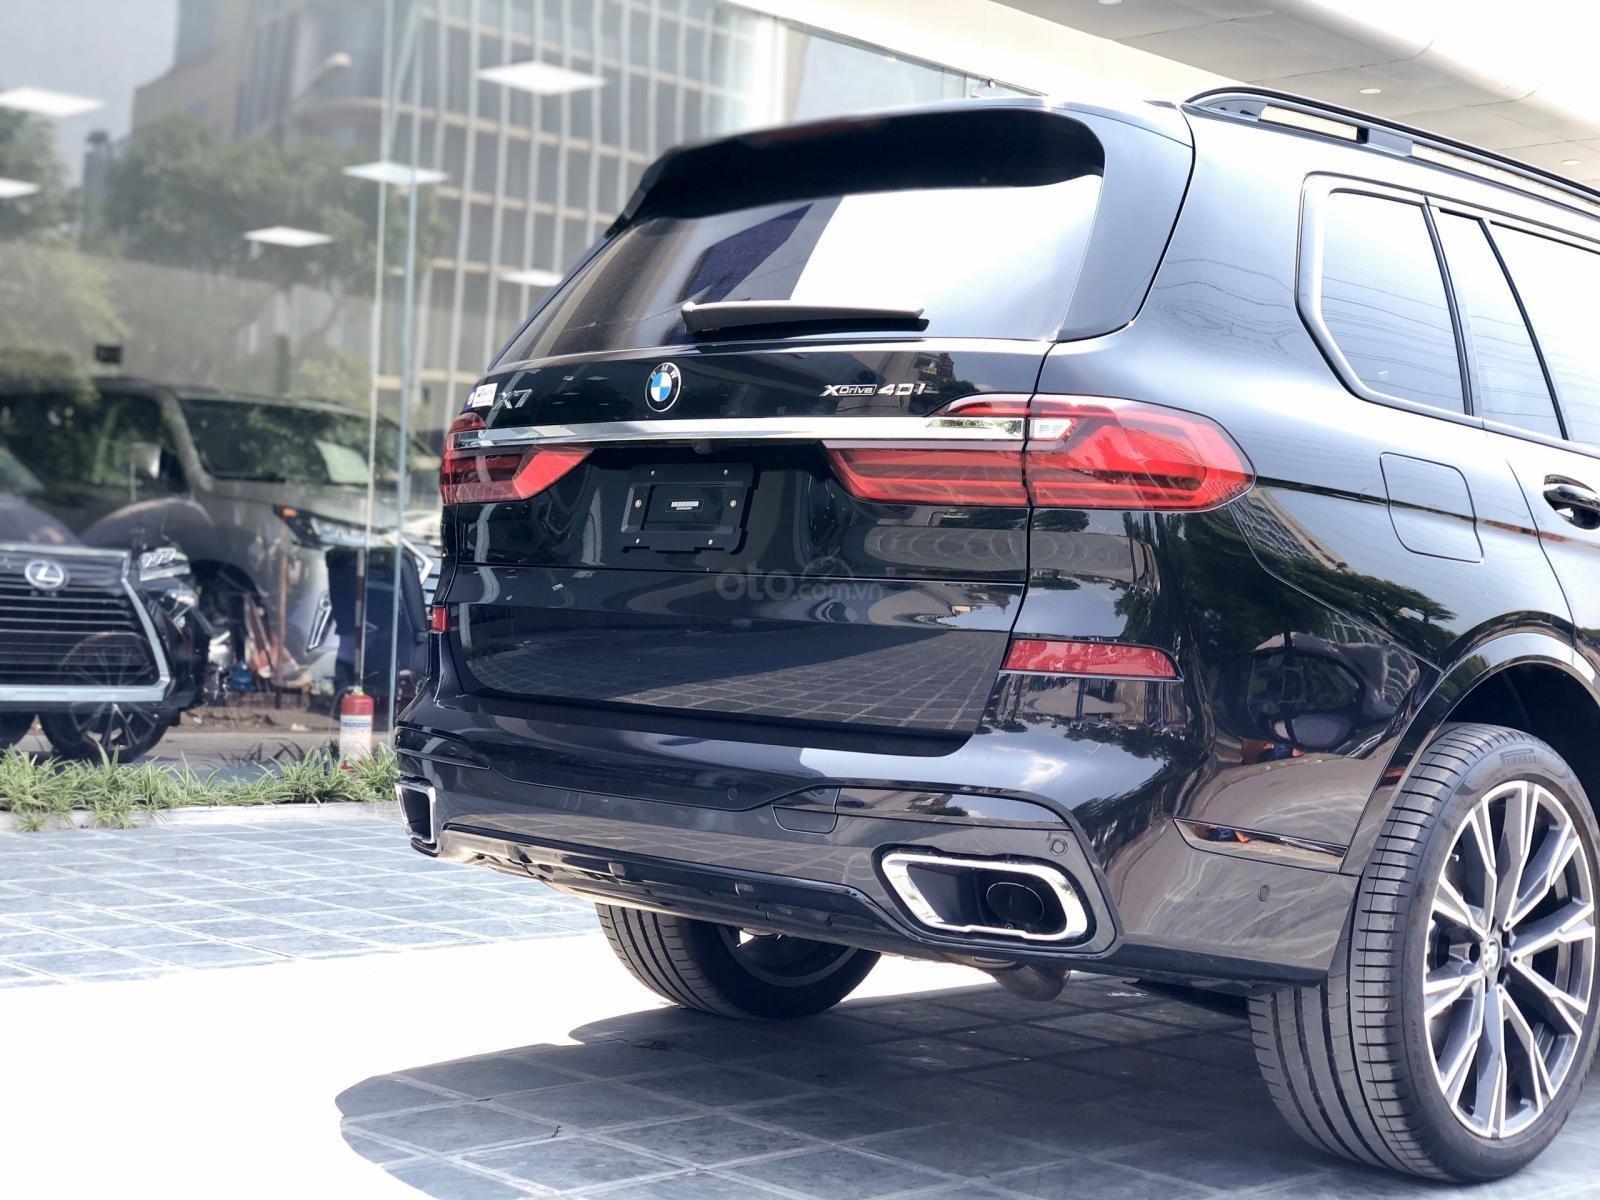 Bán BMW X7 XDrive40i M-Sport sản xuất năm 2019 full kịch option, màu đen, xe nhập Mỹ, mới 100% giao ngay, LH 0982.84.2838 (18)